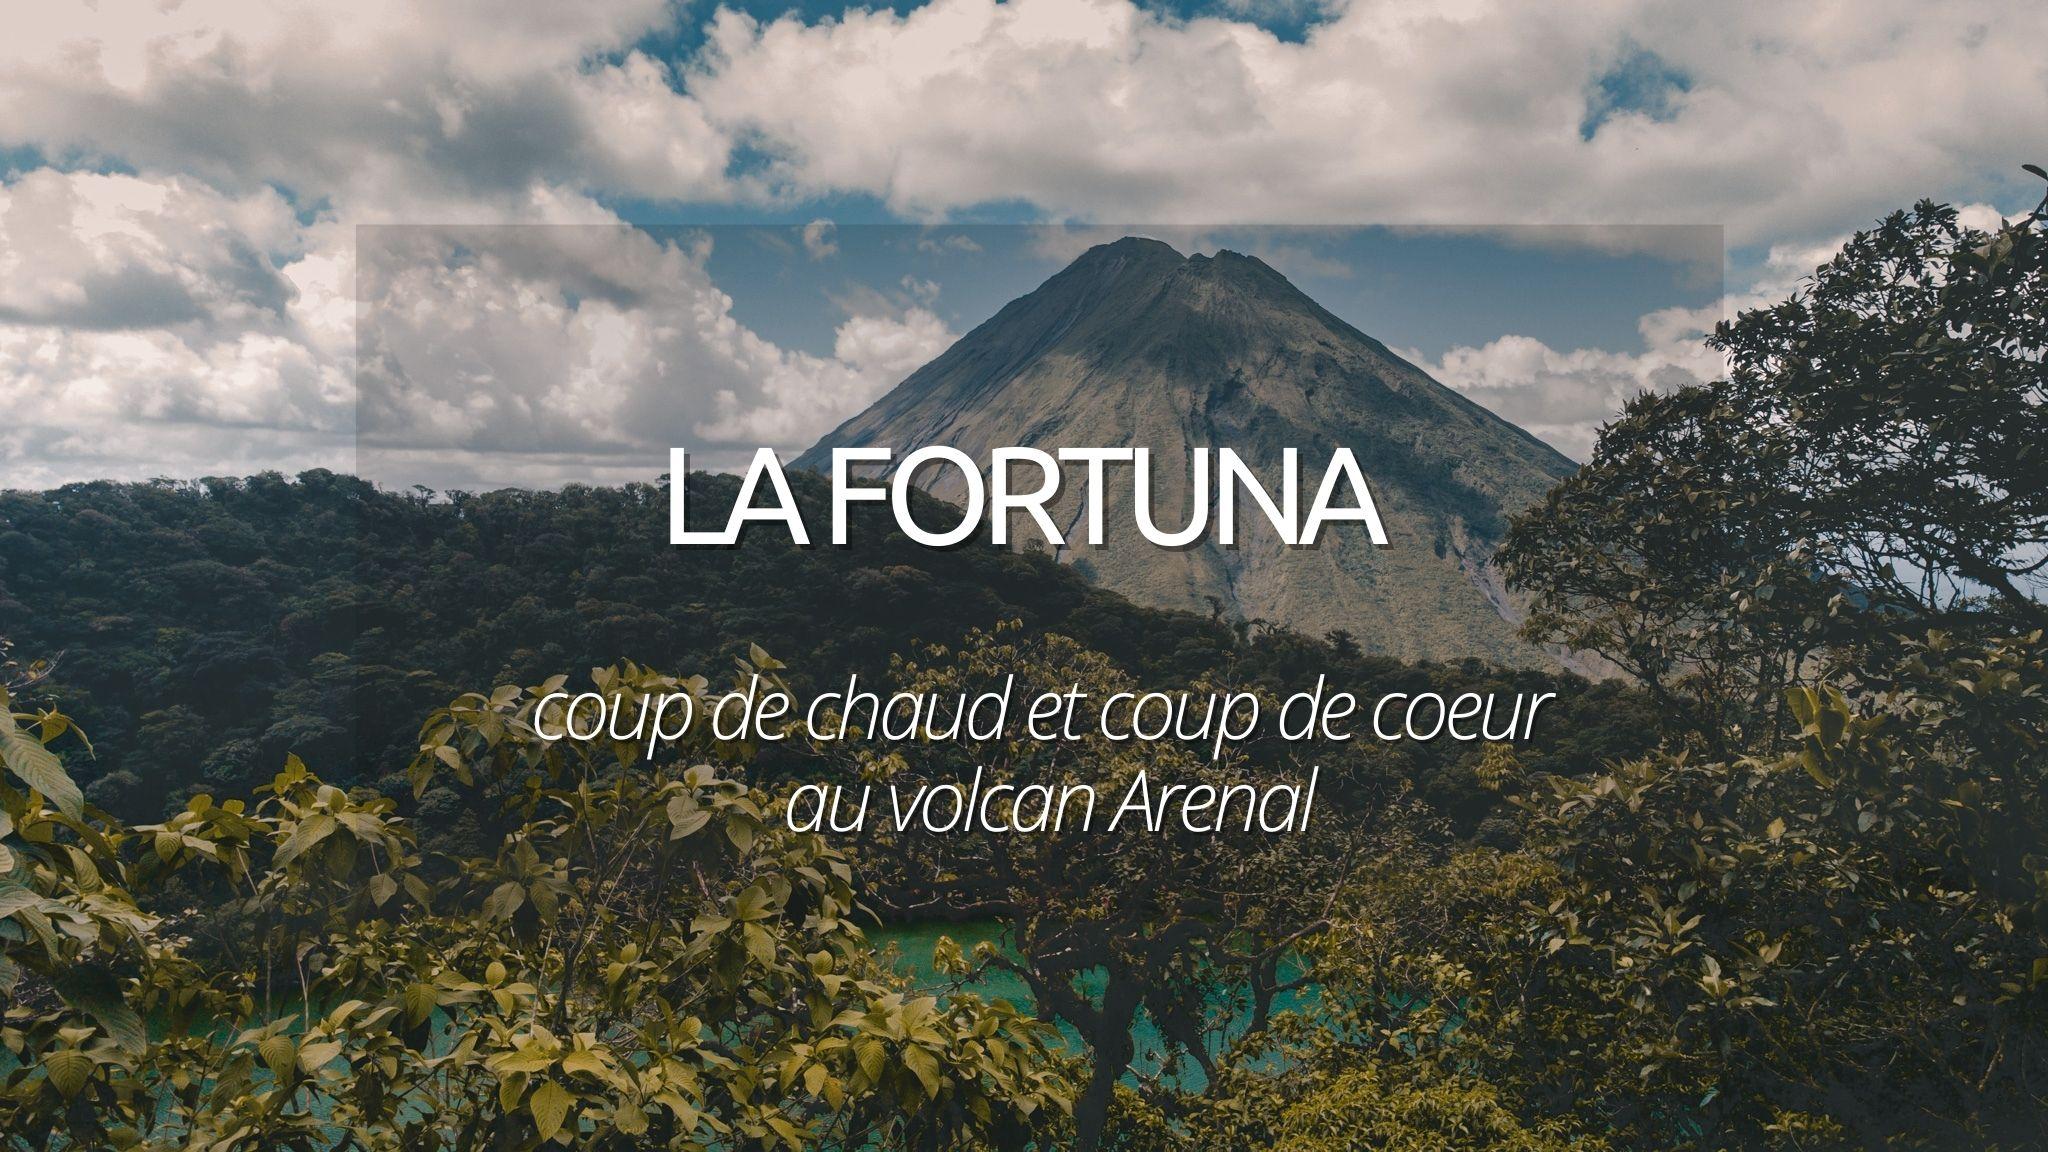 Visiter la Fortuna : coup de chaud et coup de coeur au volcan Arenal